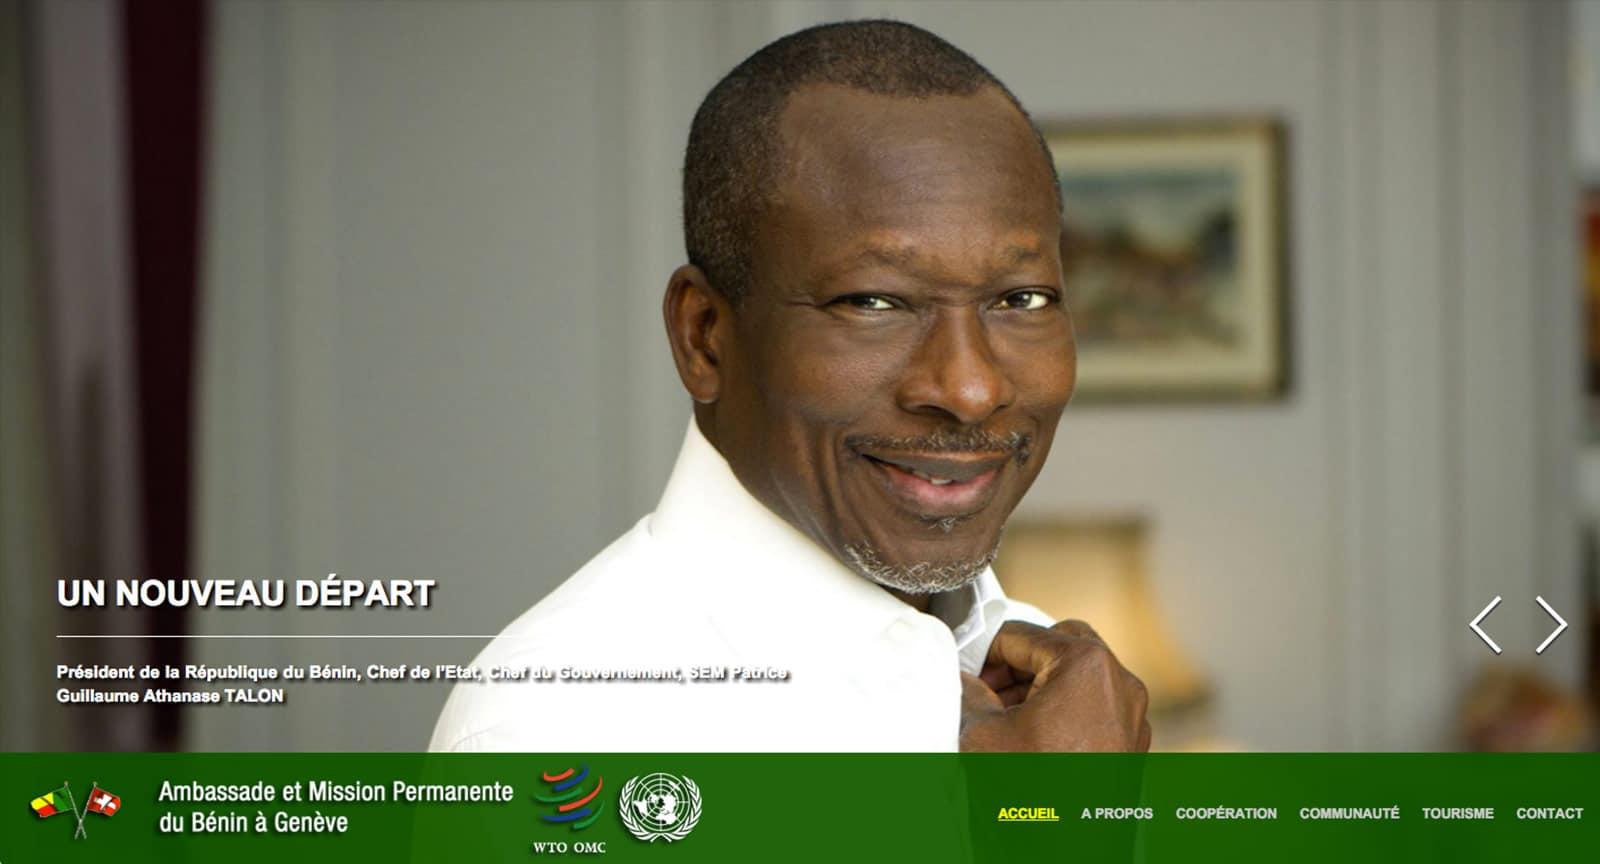 Ambassade et Mission du Bénin à Genève